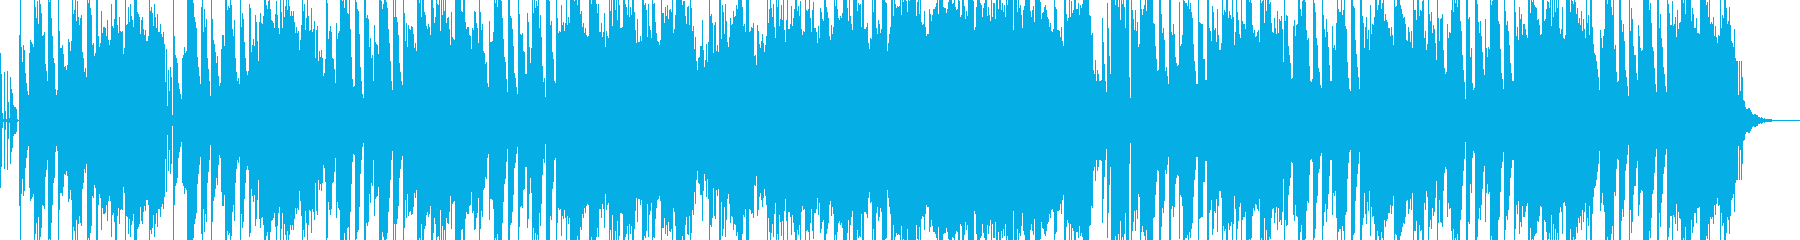 ほのぼのしたシンセサウンドの再生済みの波形